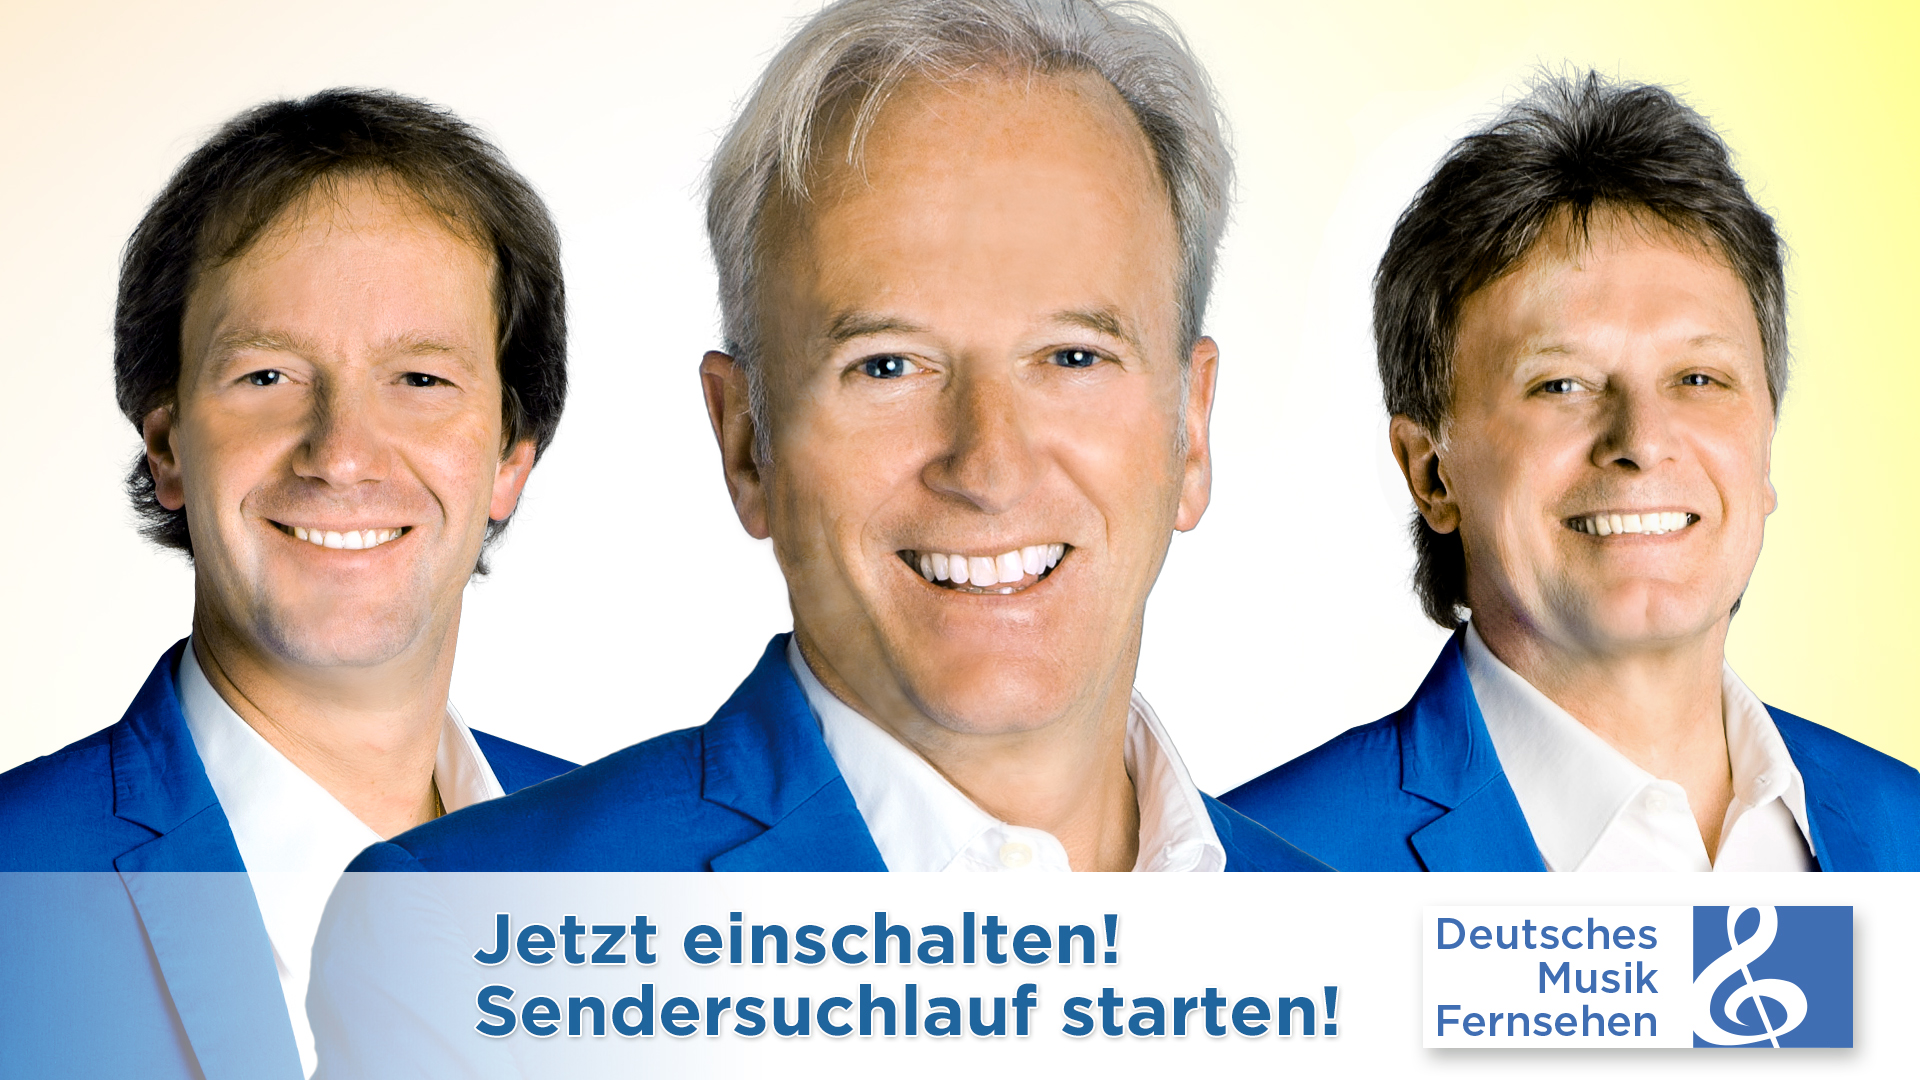 Deutsches Musik Fernsehen